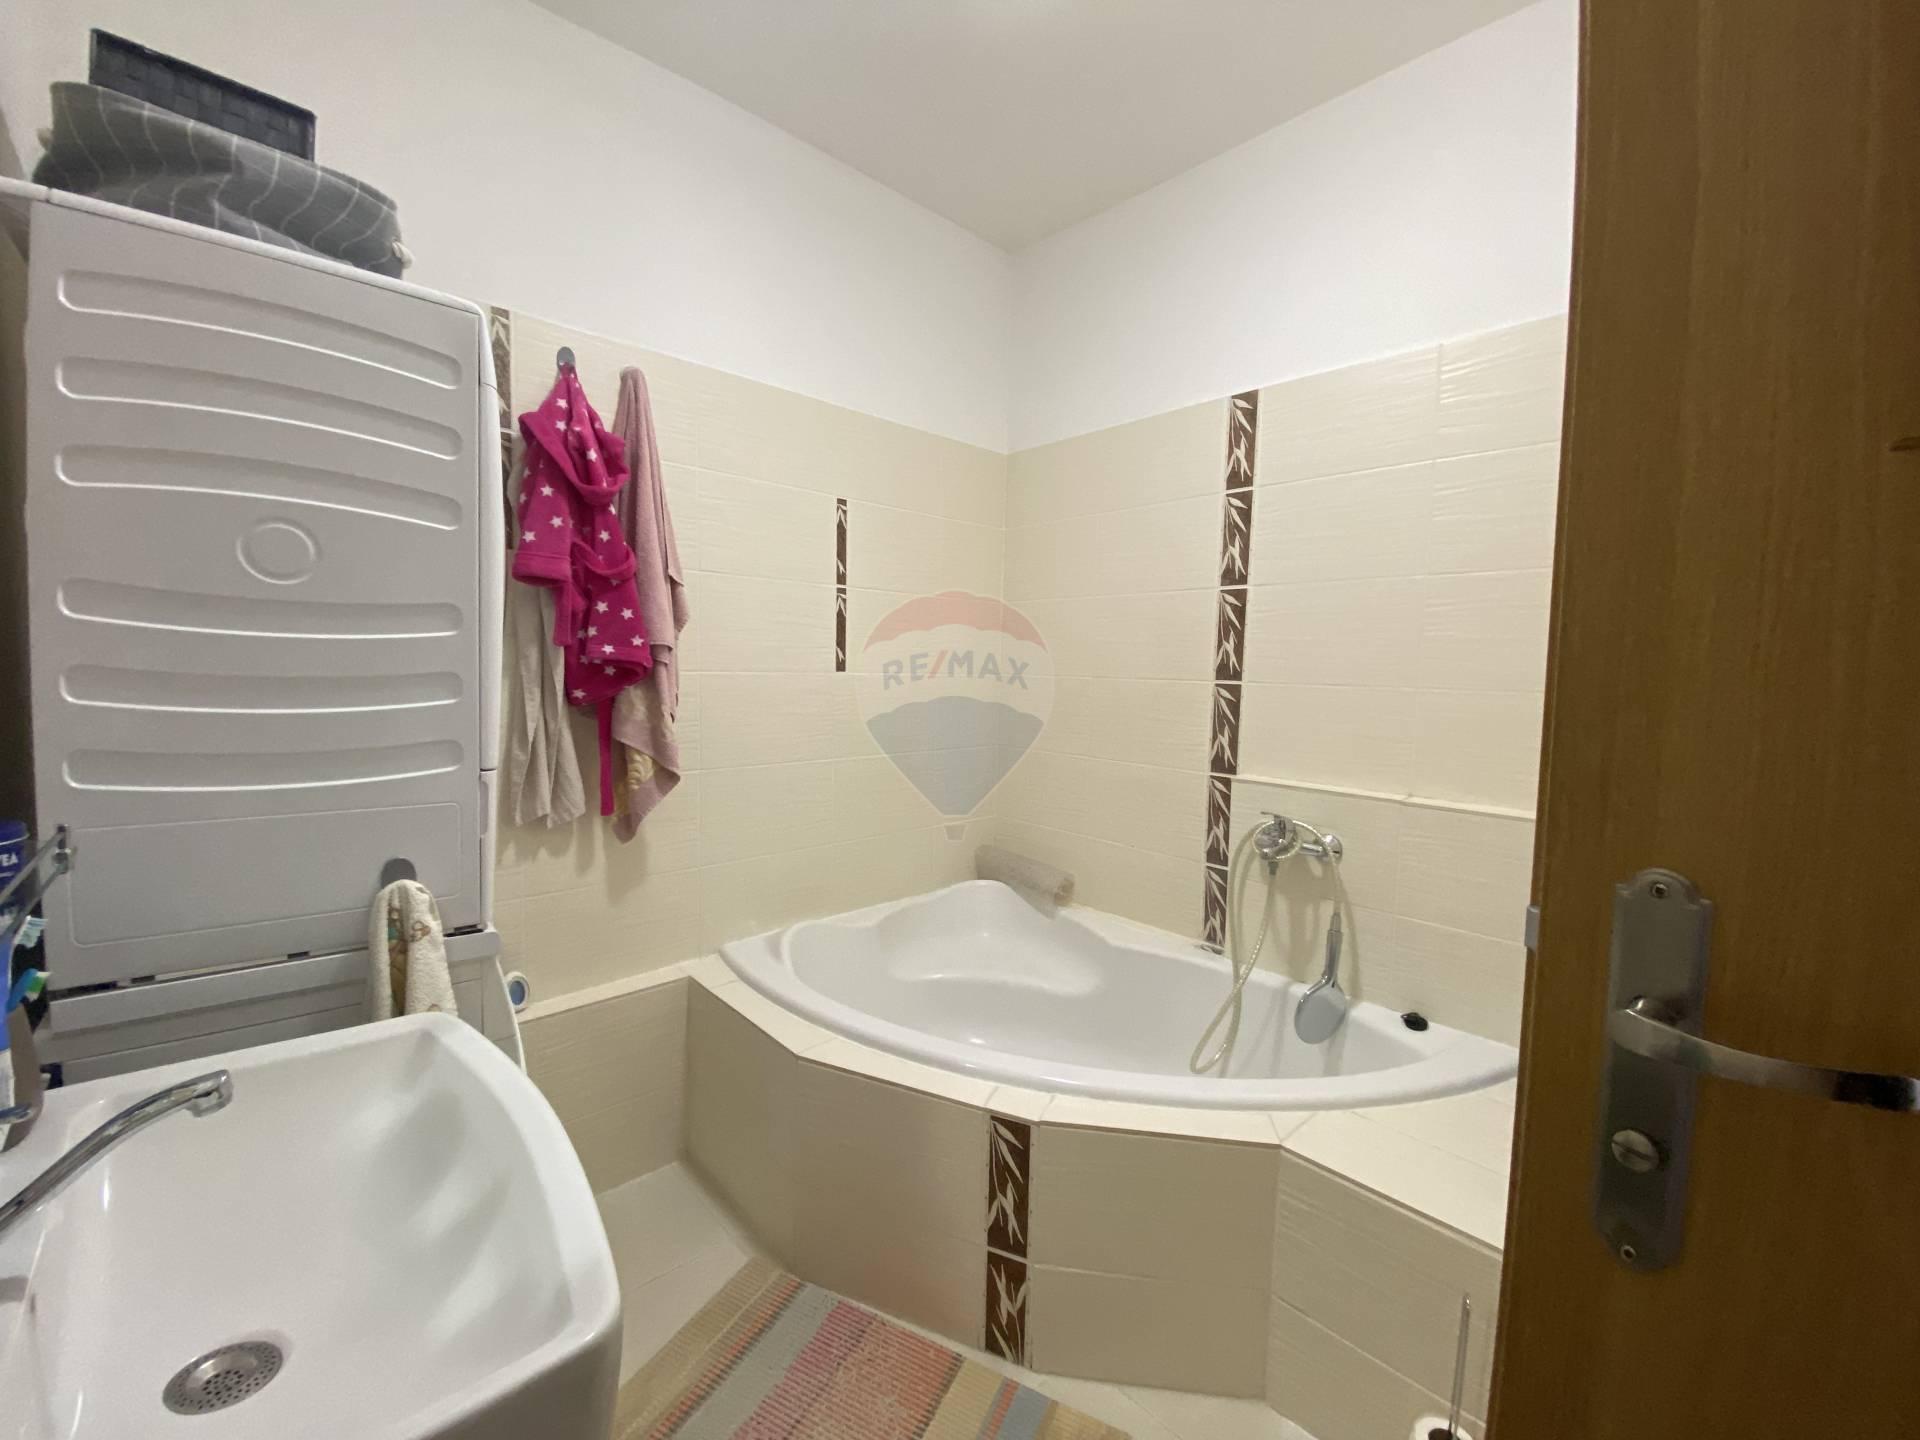 Prenájom bytu (3 izbový) 75 m2, Dolný Kubín - Prenajom bytu Dolny Kubin Banisko